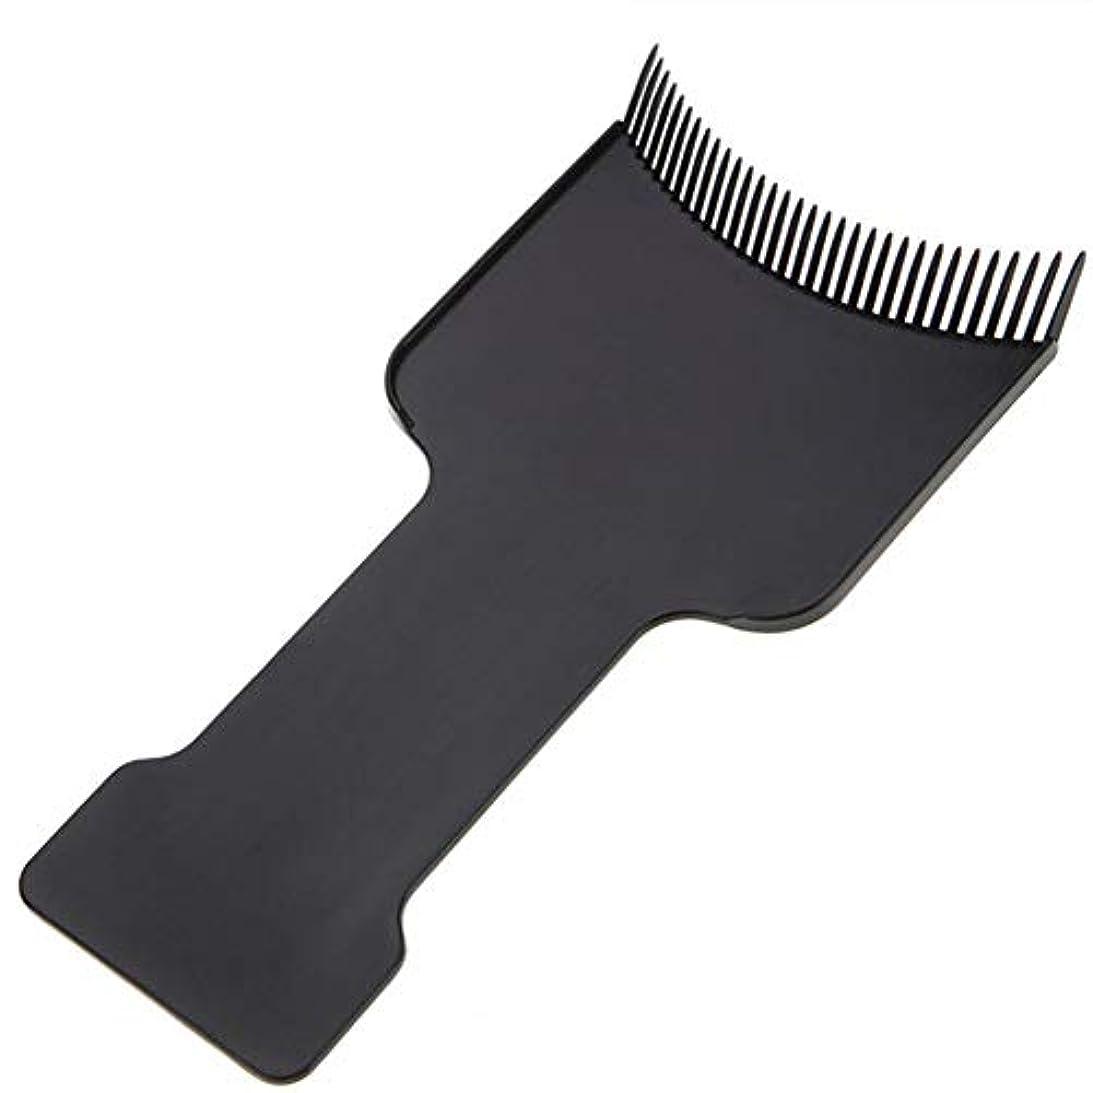 冷凍庫素朴な受け継ぐSILUN 理髪ヘアカラーボード 理髪サロン髪 着色染色ボードヘアトリートメントケアピックカラーボードコーム理髪ツール プロフェッショナルブラックヘアブラシボード理髪美容ツール